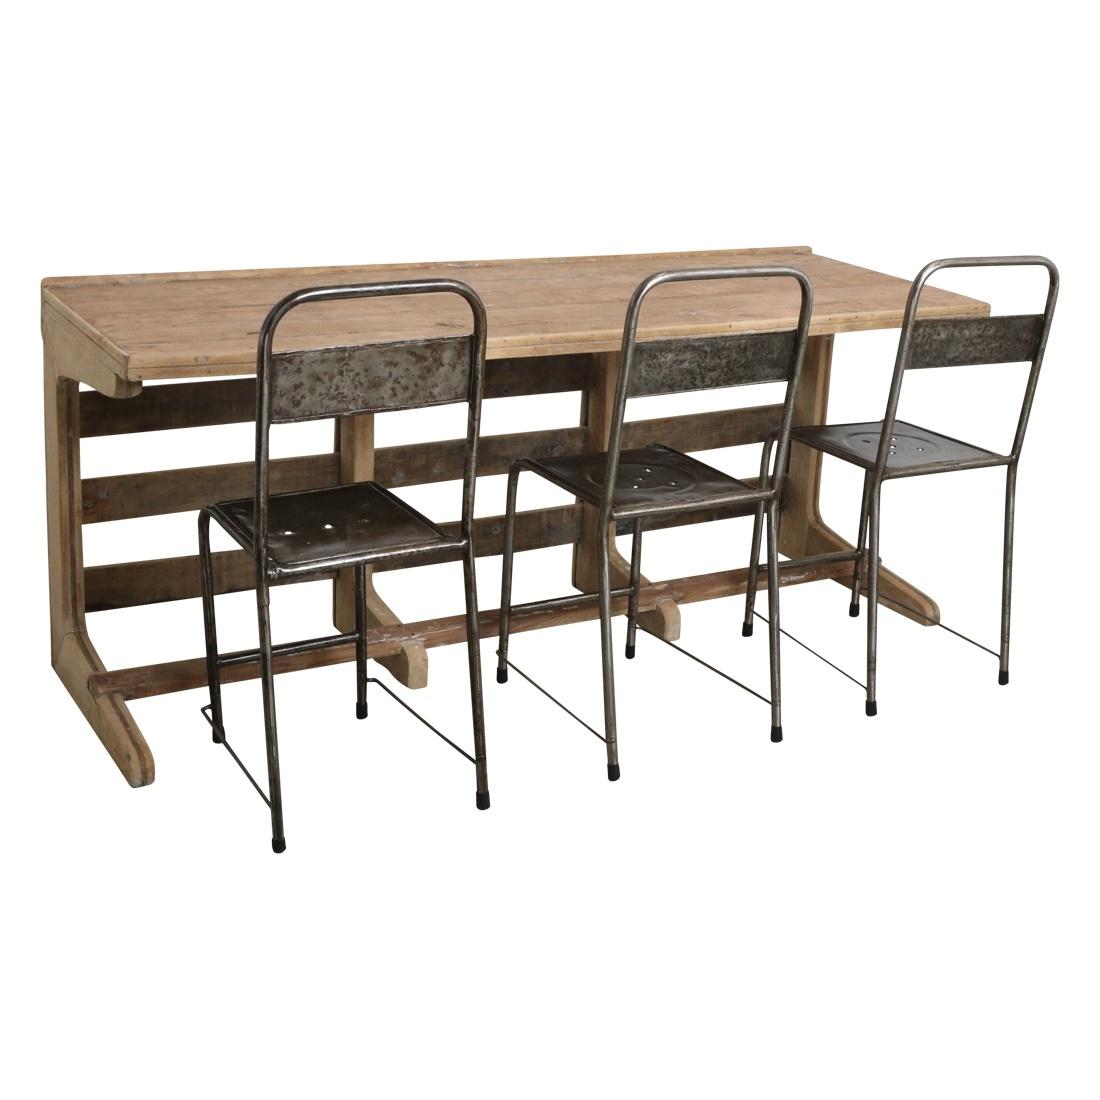 Oneworld Interiors XL Bureau / Table Vintage - 183x61x78m - Pièce unique